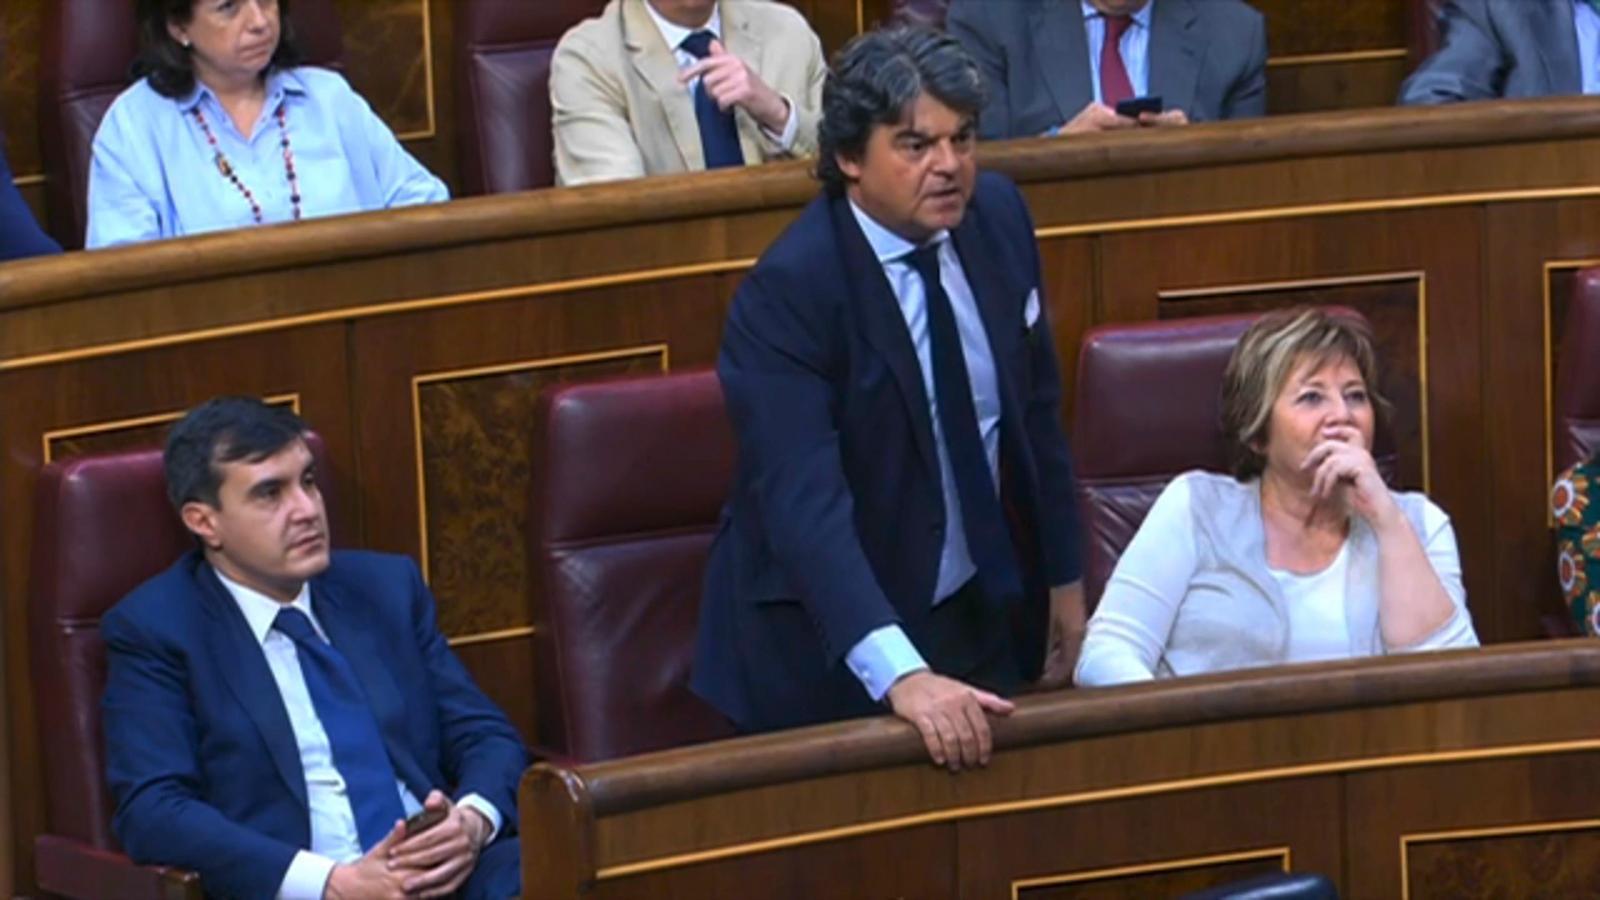 Moragas s'equivoca i vota contra Rajoy en la moció de censura... però rectifica